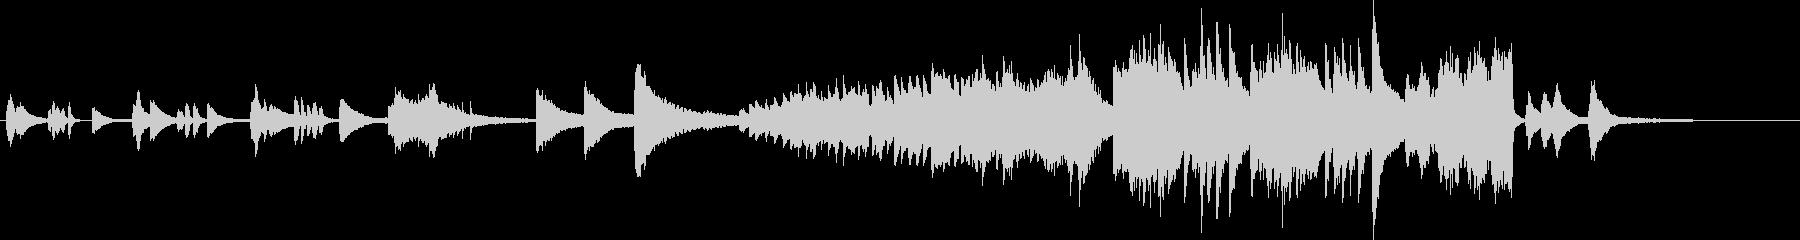 トッカータとフーガをピアノソロアレンジの未再生の波形